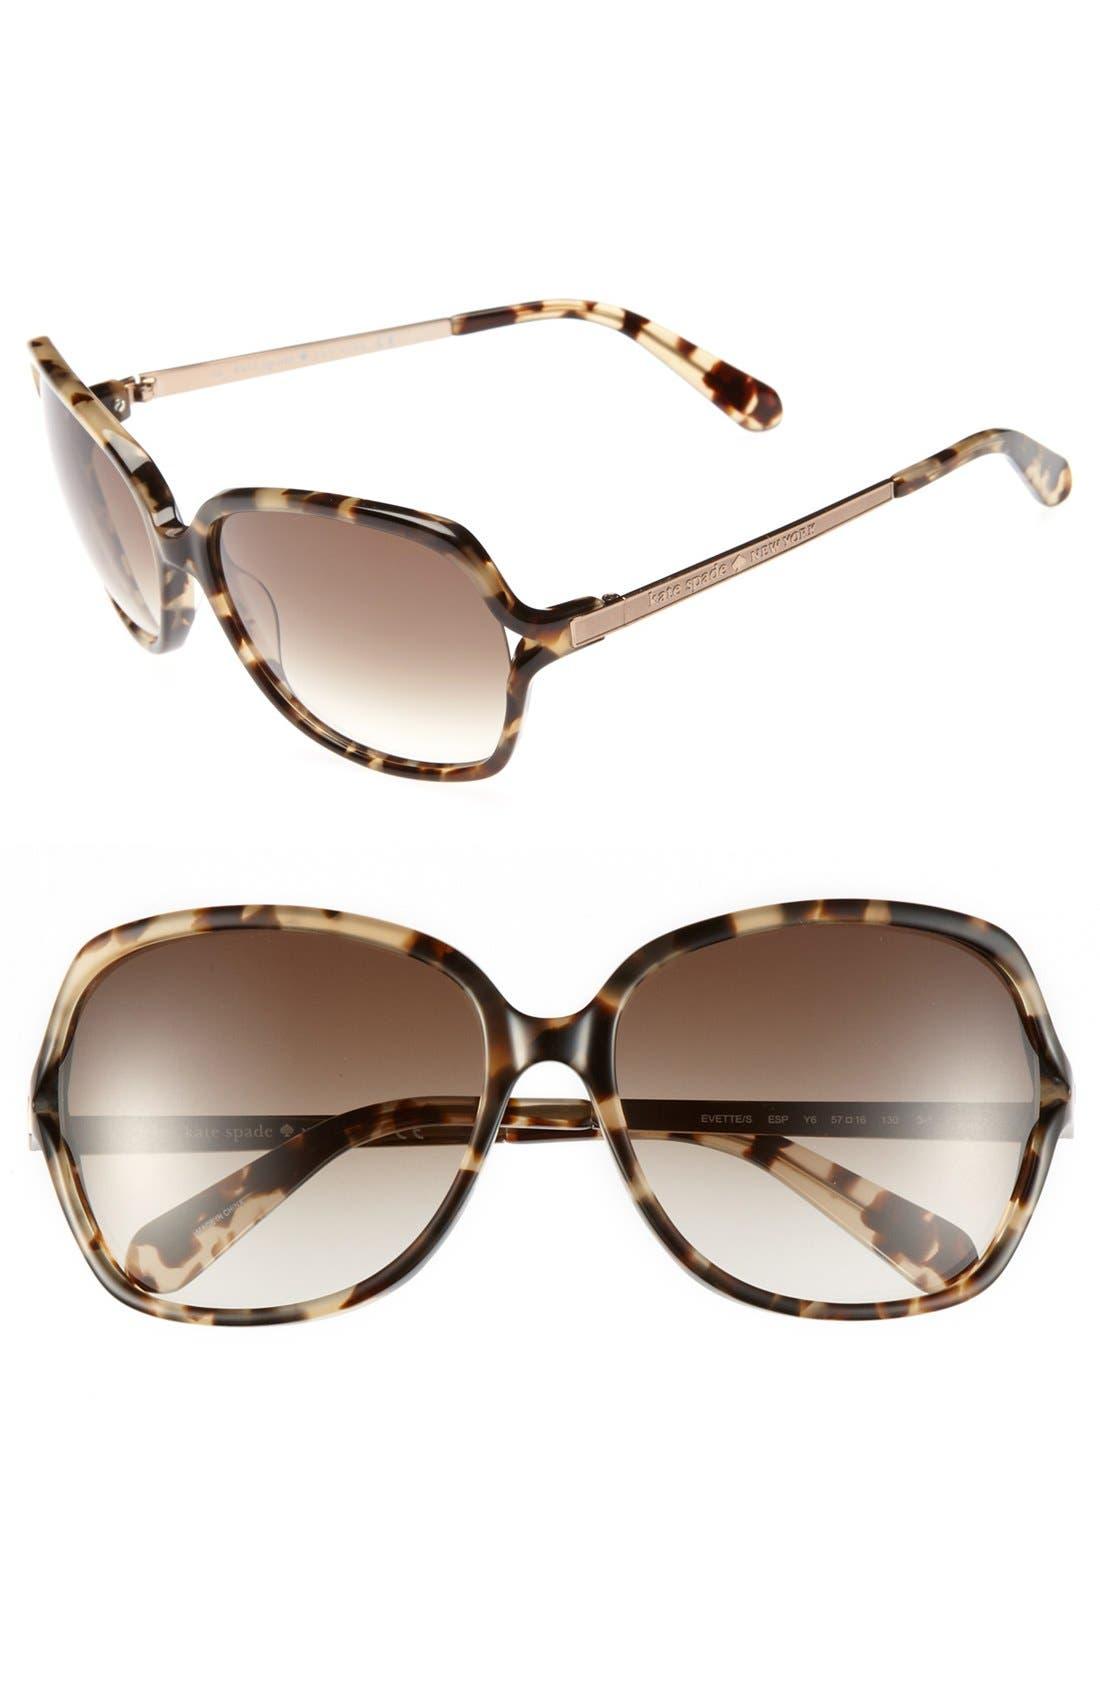 Alternate Image 1 Selected - kate spade new york 'evette' 57mm oversized sunglasses